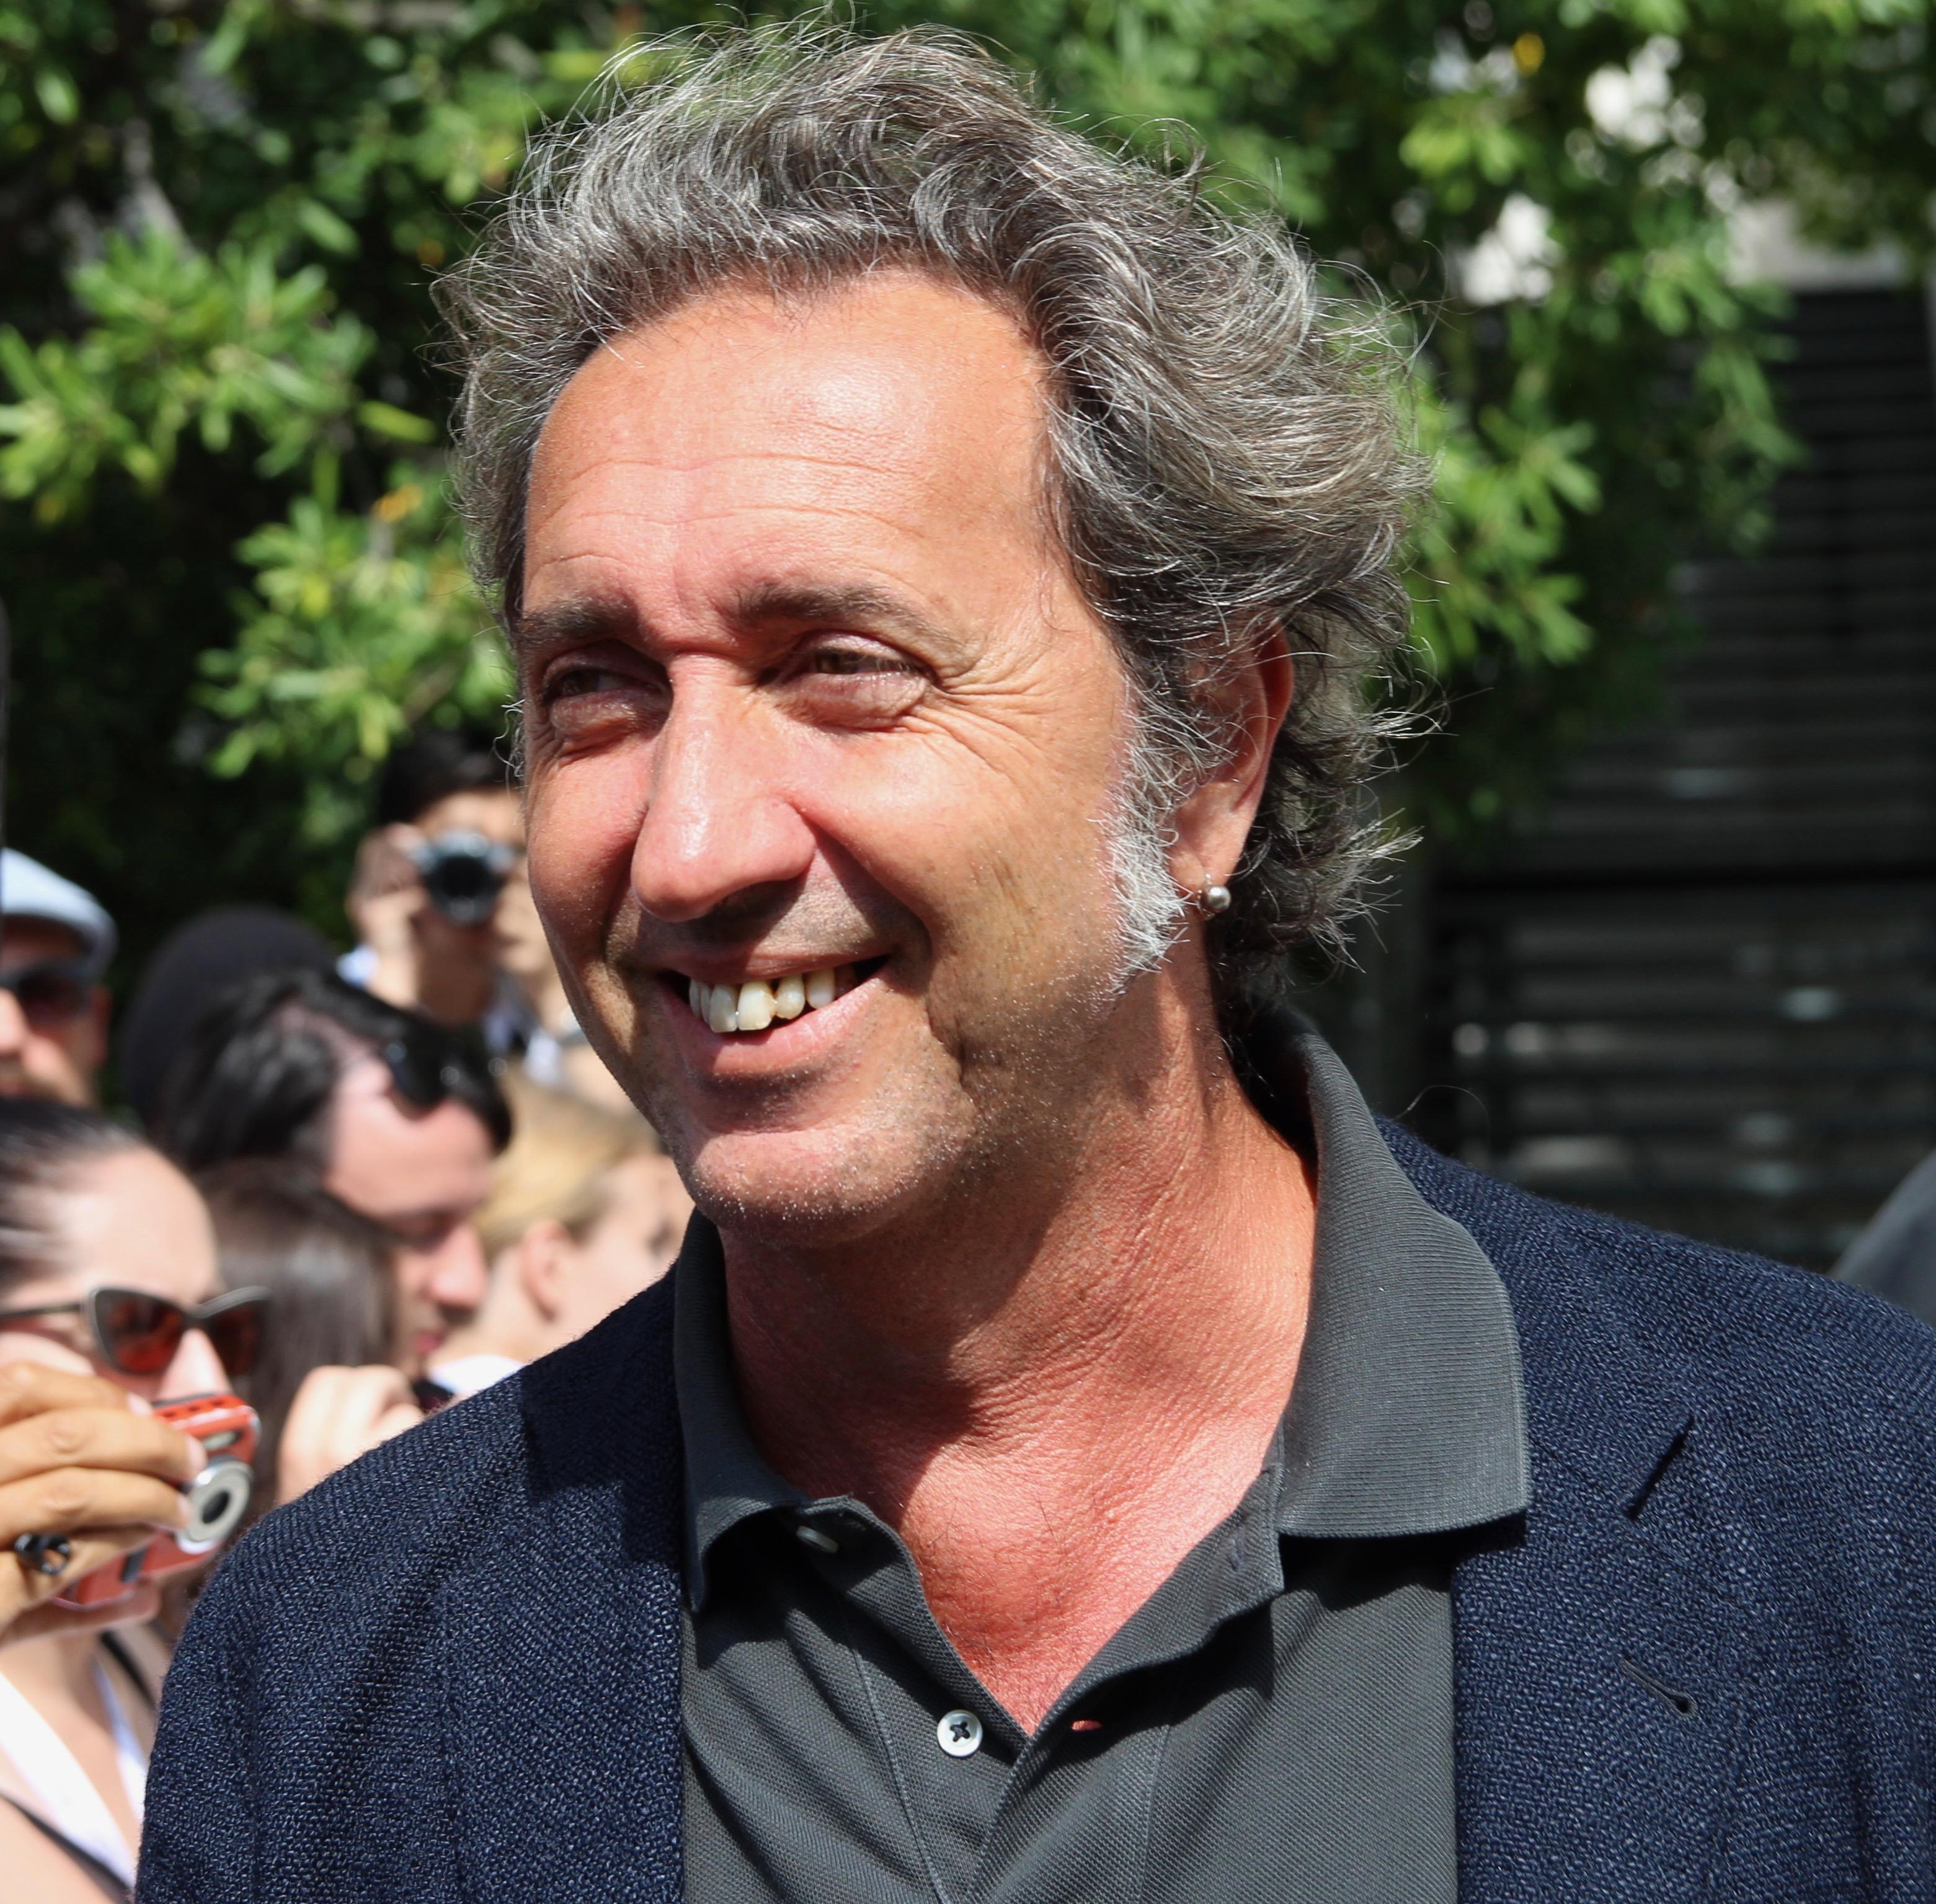 Photo de Paolo Sorrentino avec un hauteur de 178 cm et à l'age de 49 en 2020